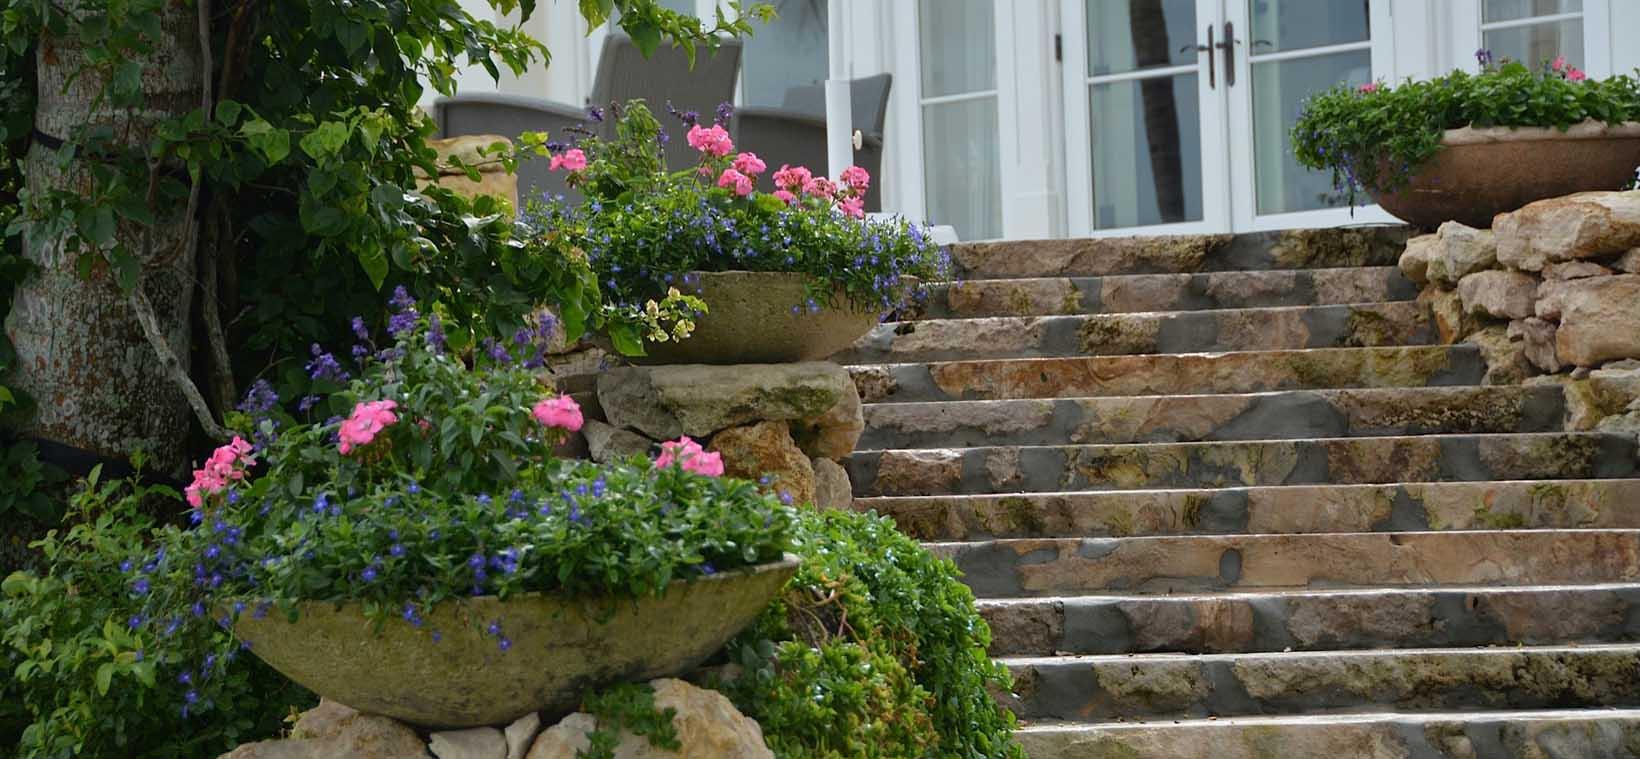 aiello-landscape_container-plants-steps